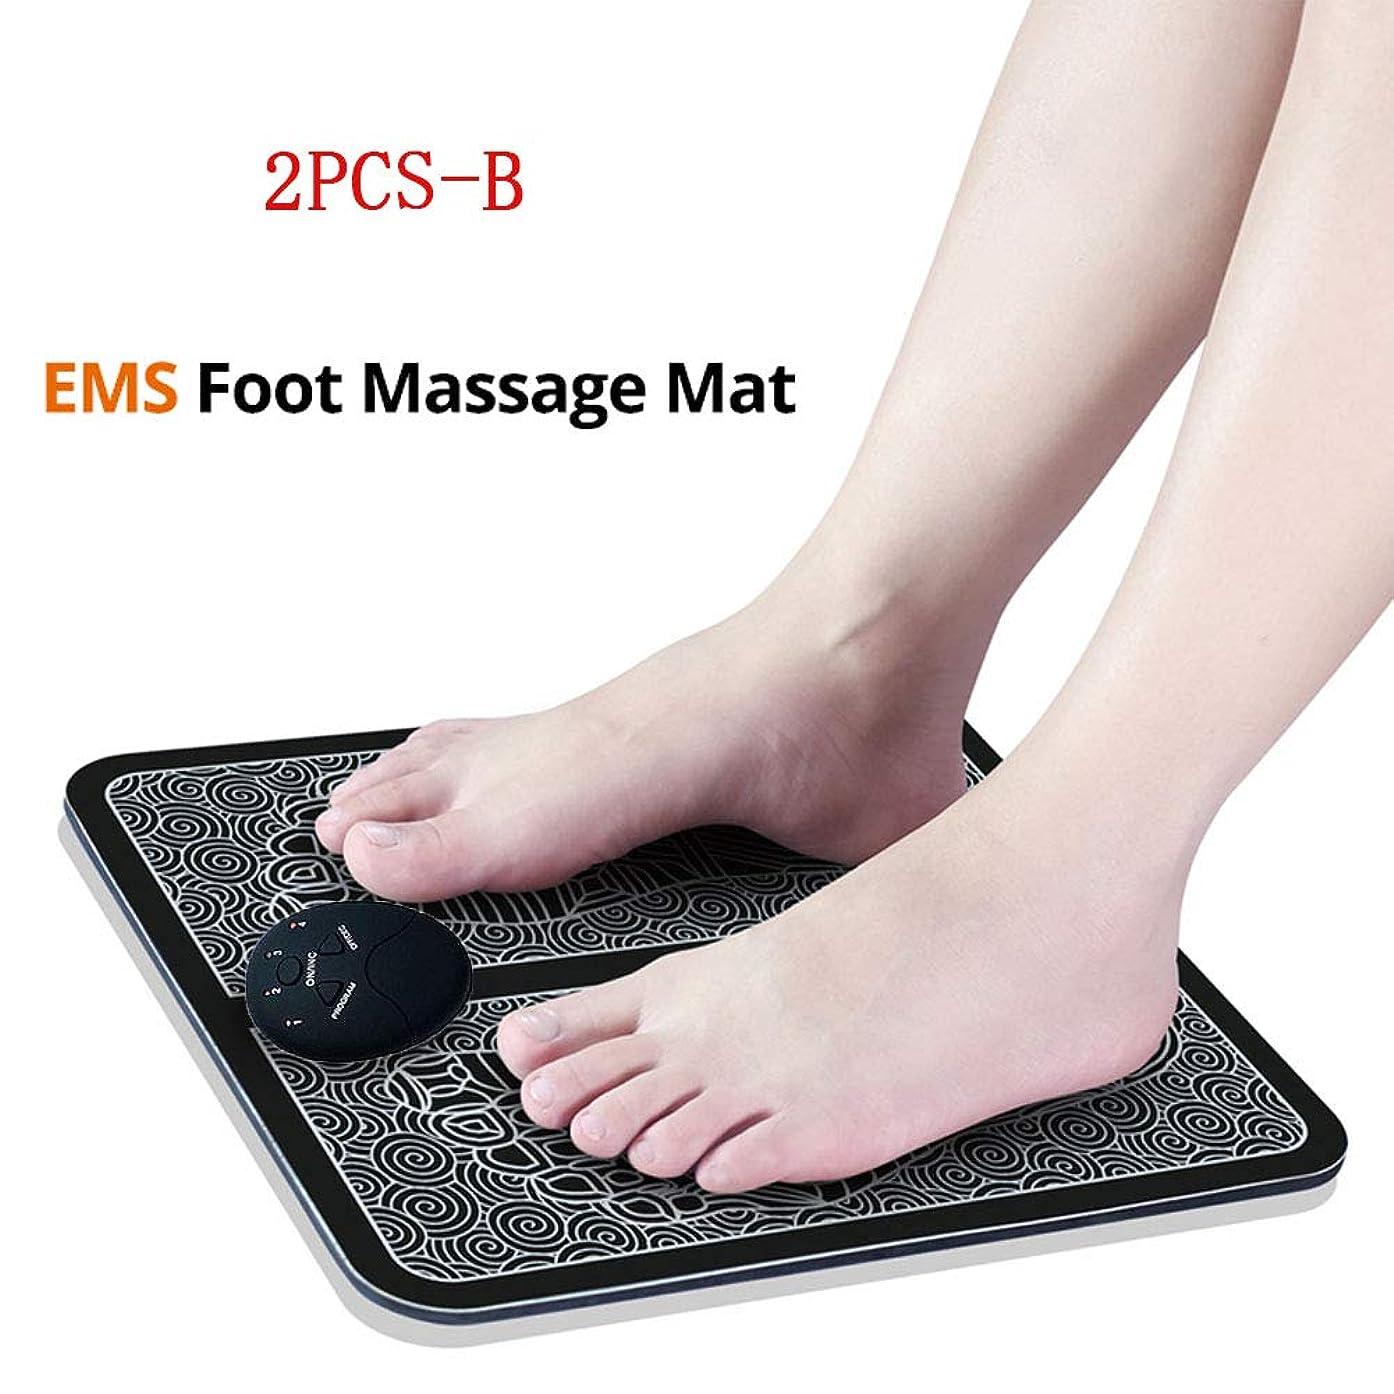 寂しいカリング食品EMSスマートフットマッサージパッド、フットマッサージャー、足指圧療法、血液循環の促進、筋肉痛の緩和、男性と女性用、2個,B